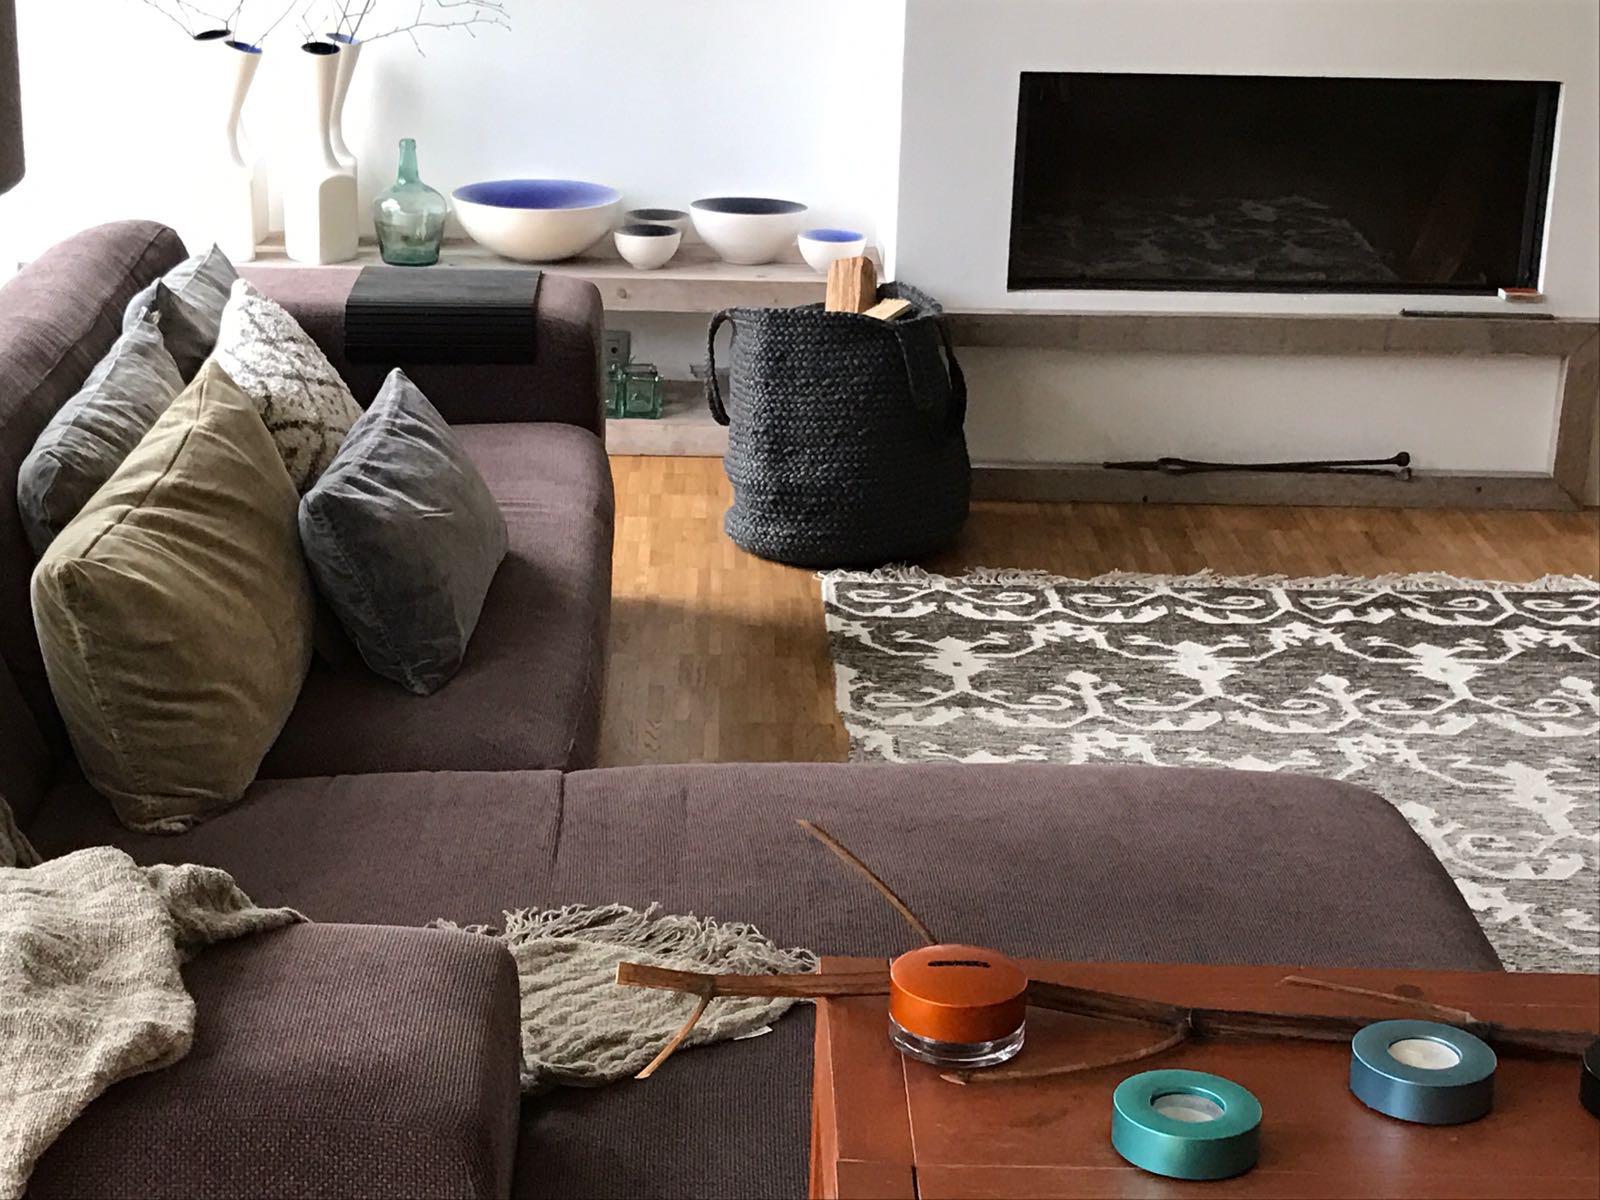 ANDERZS Duurzaam Design bij tv-programma Woontips - the making of ...